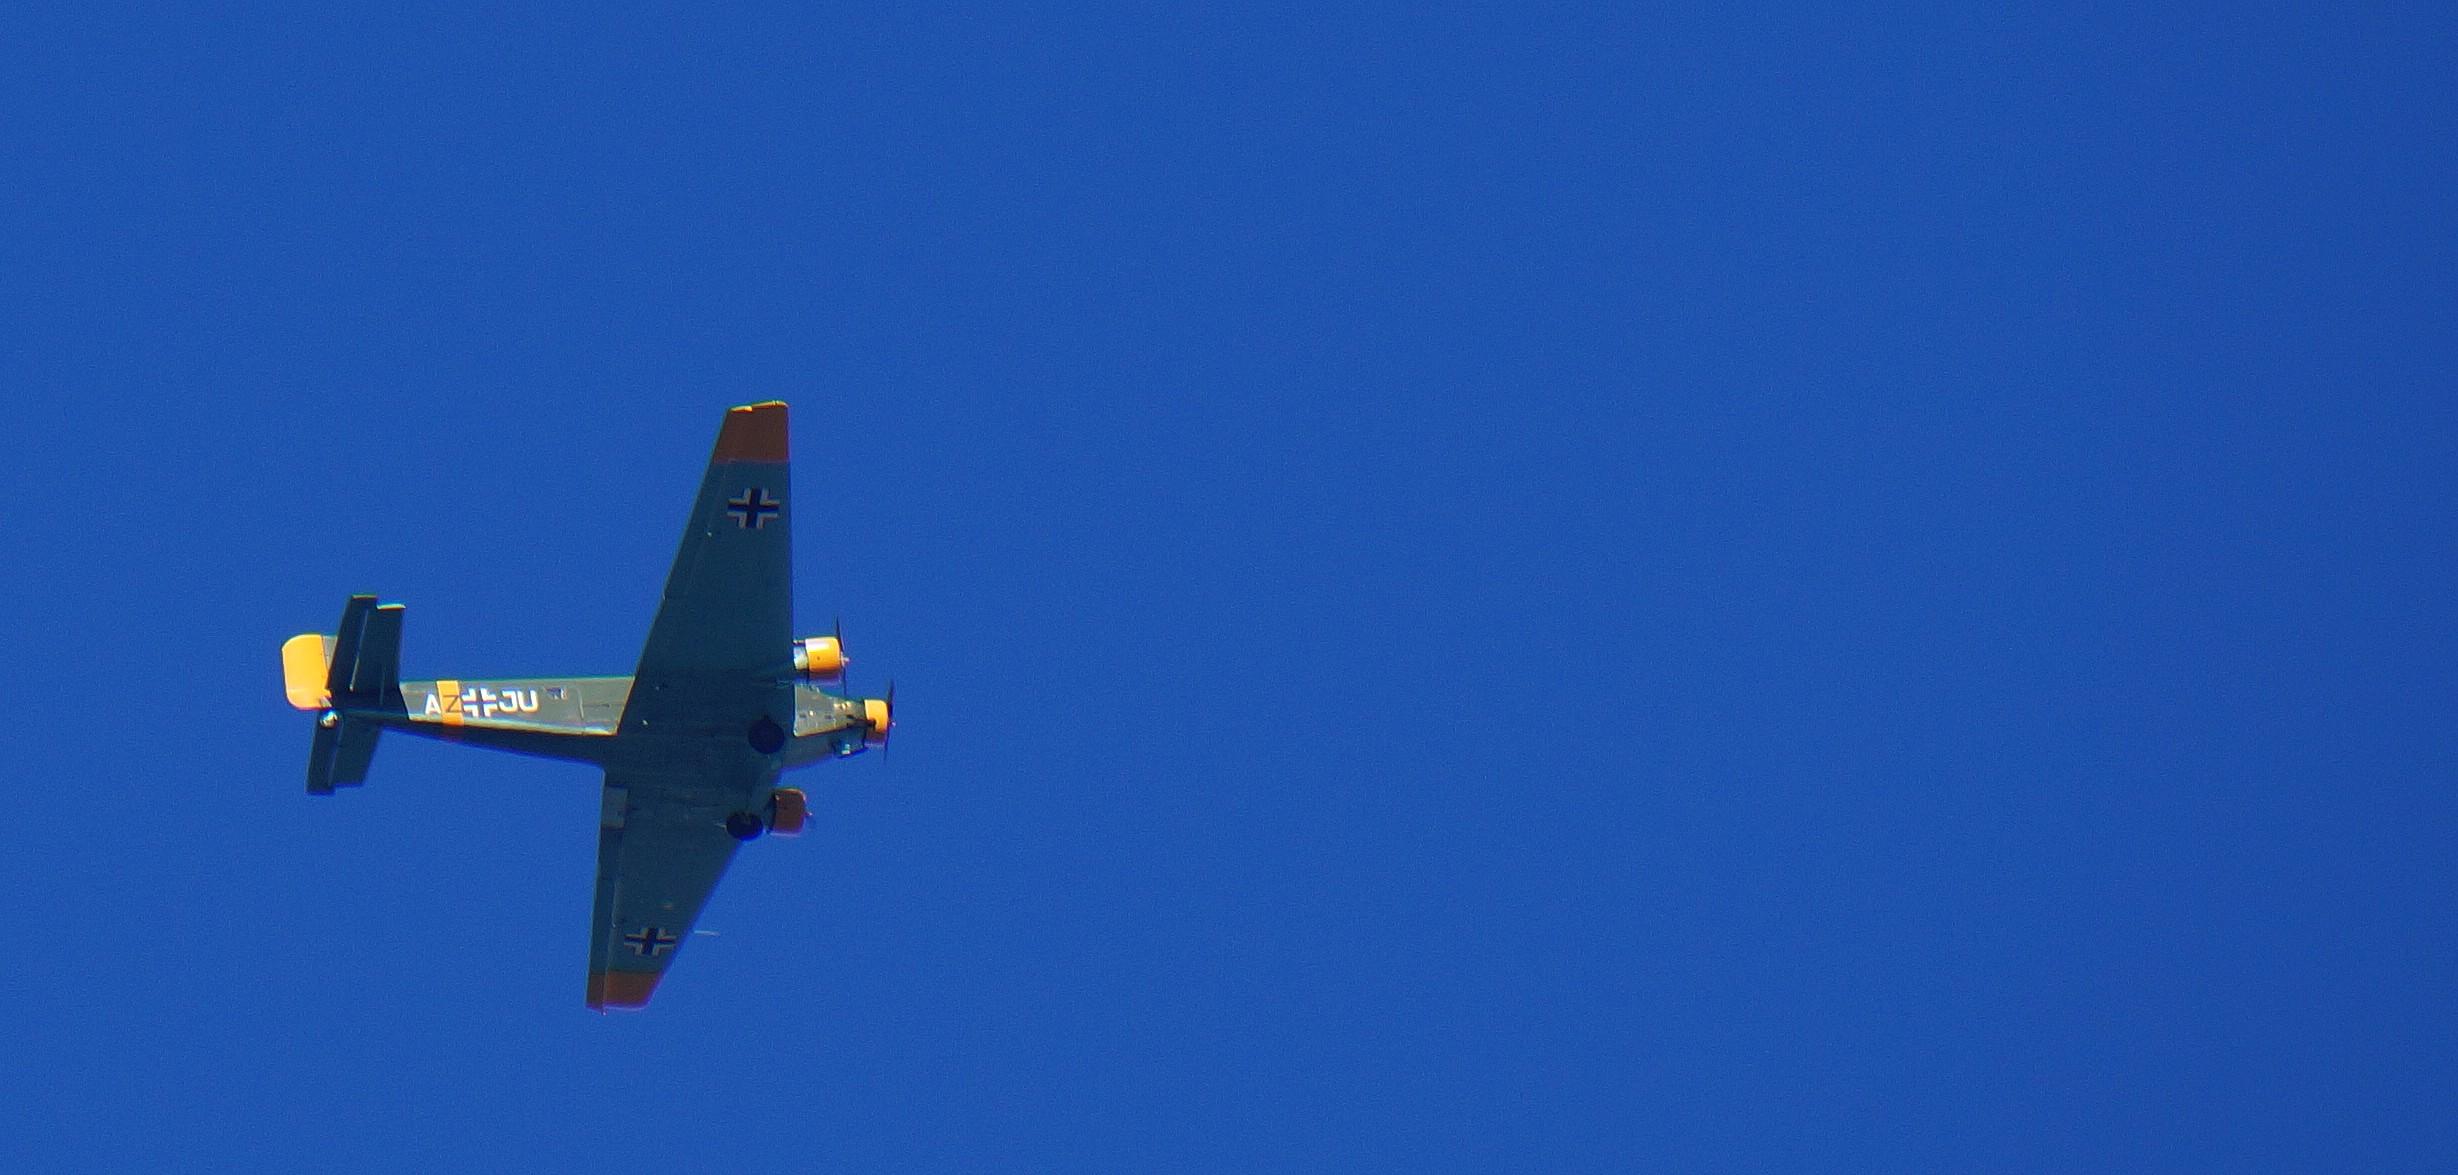 [Aéronavale divers] C'est quoi cet avion ? 860559avionallemand1